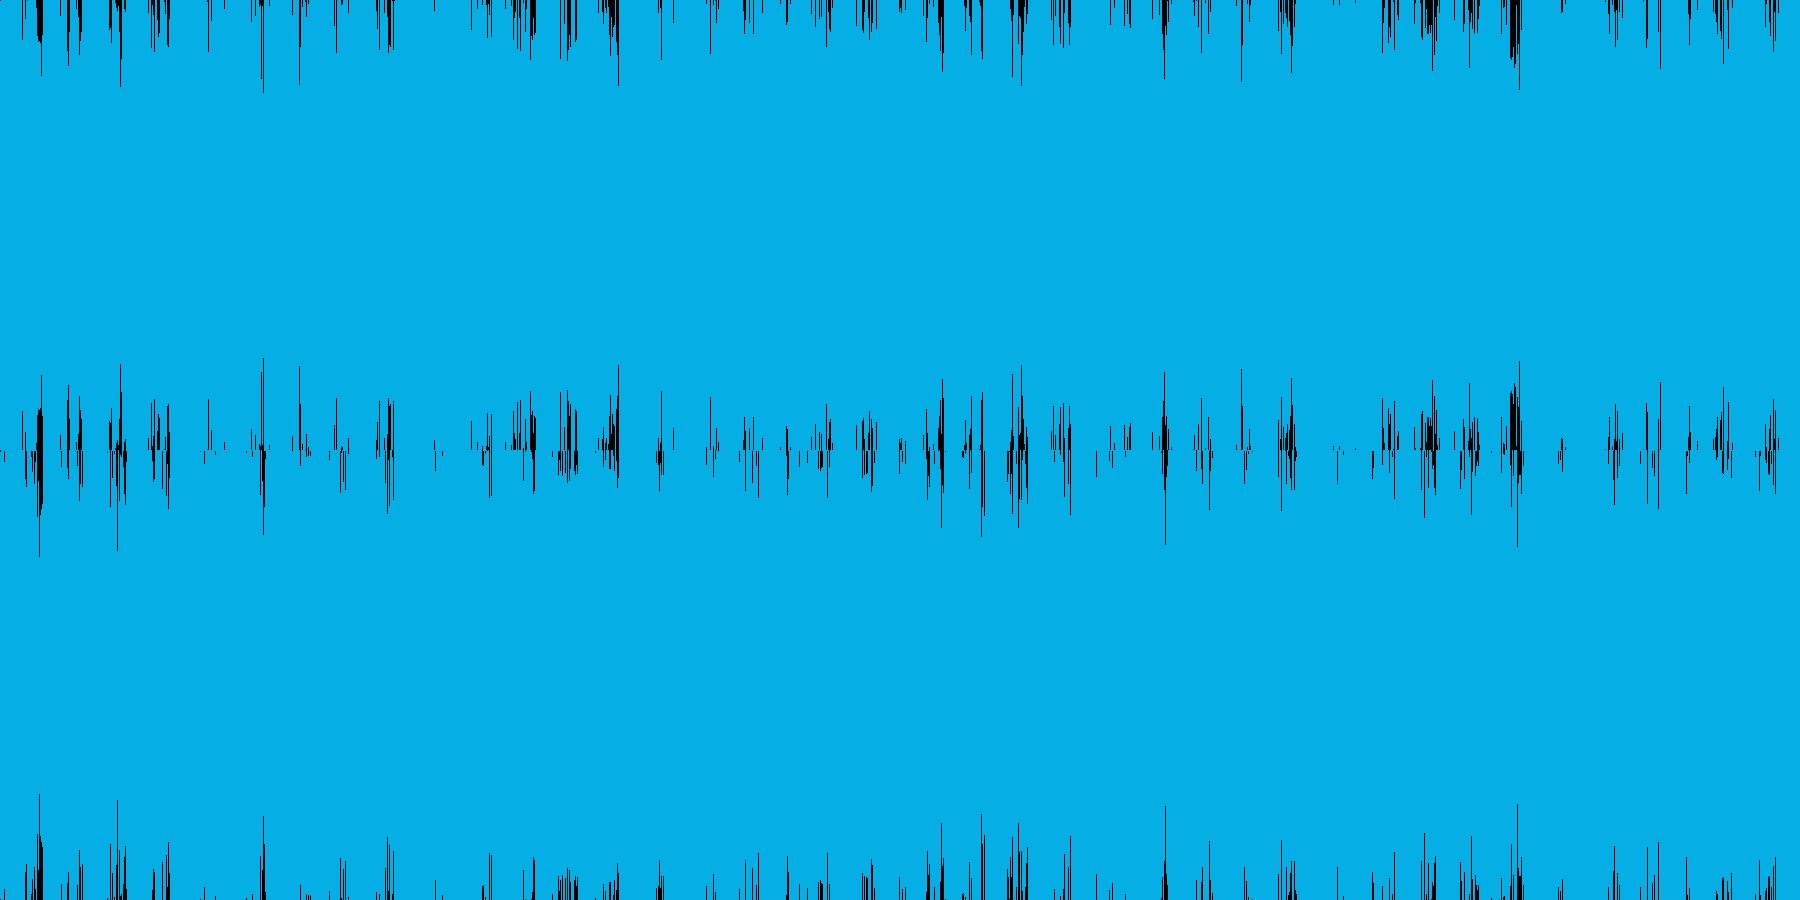 オーケストラ クワイヤー系 ループの再生済みの波形